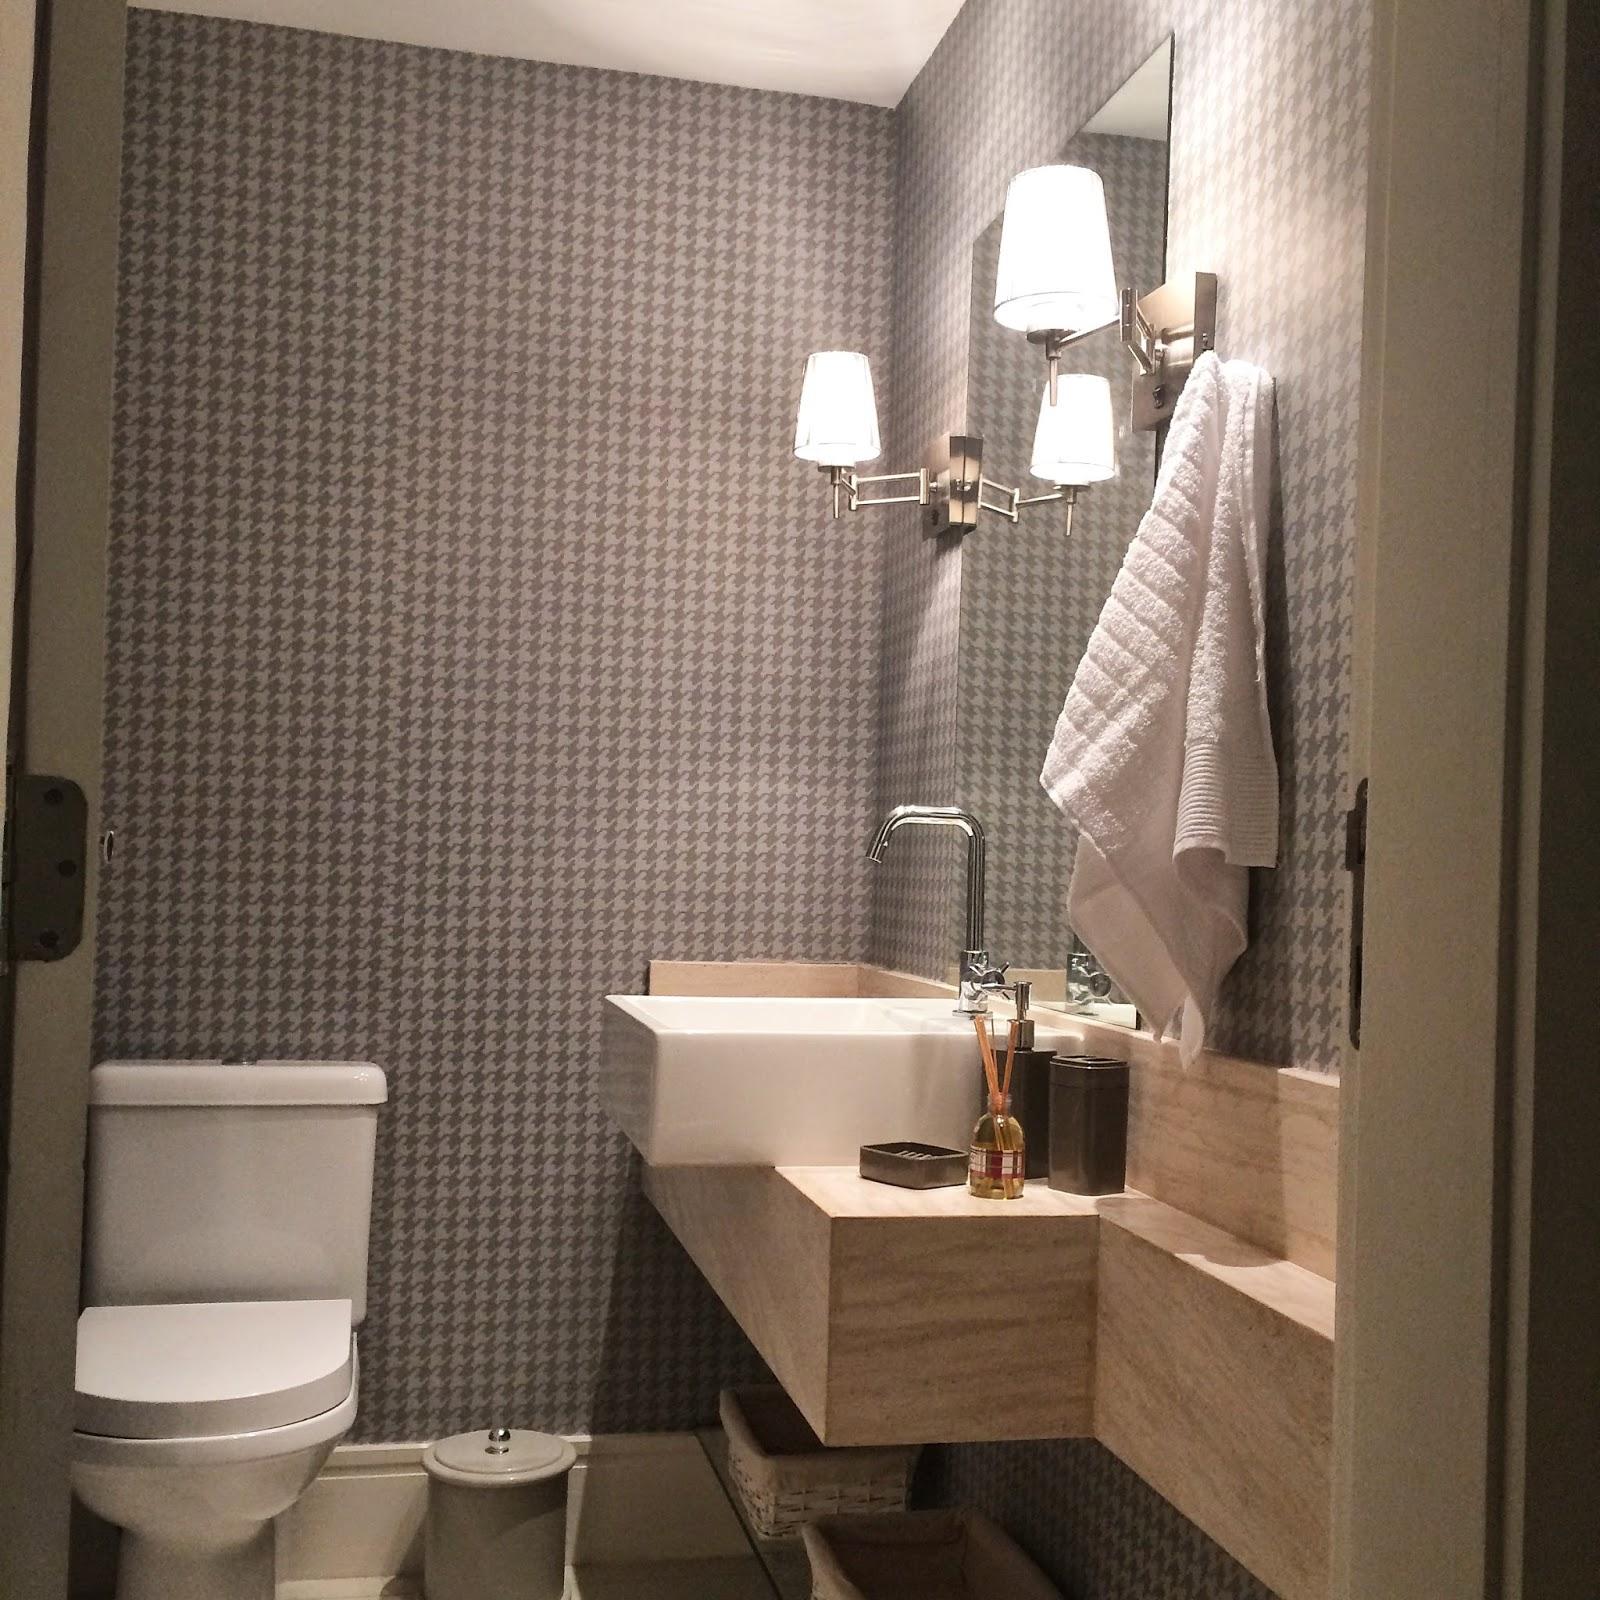 Blog Luz & Design: Lavabo bacana gastando pouco! #945A37 1600x1600 Bancada Banheiro Leroy